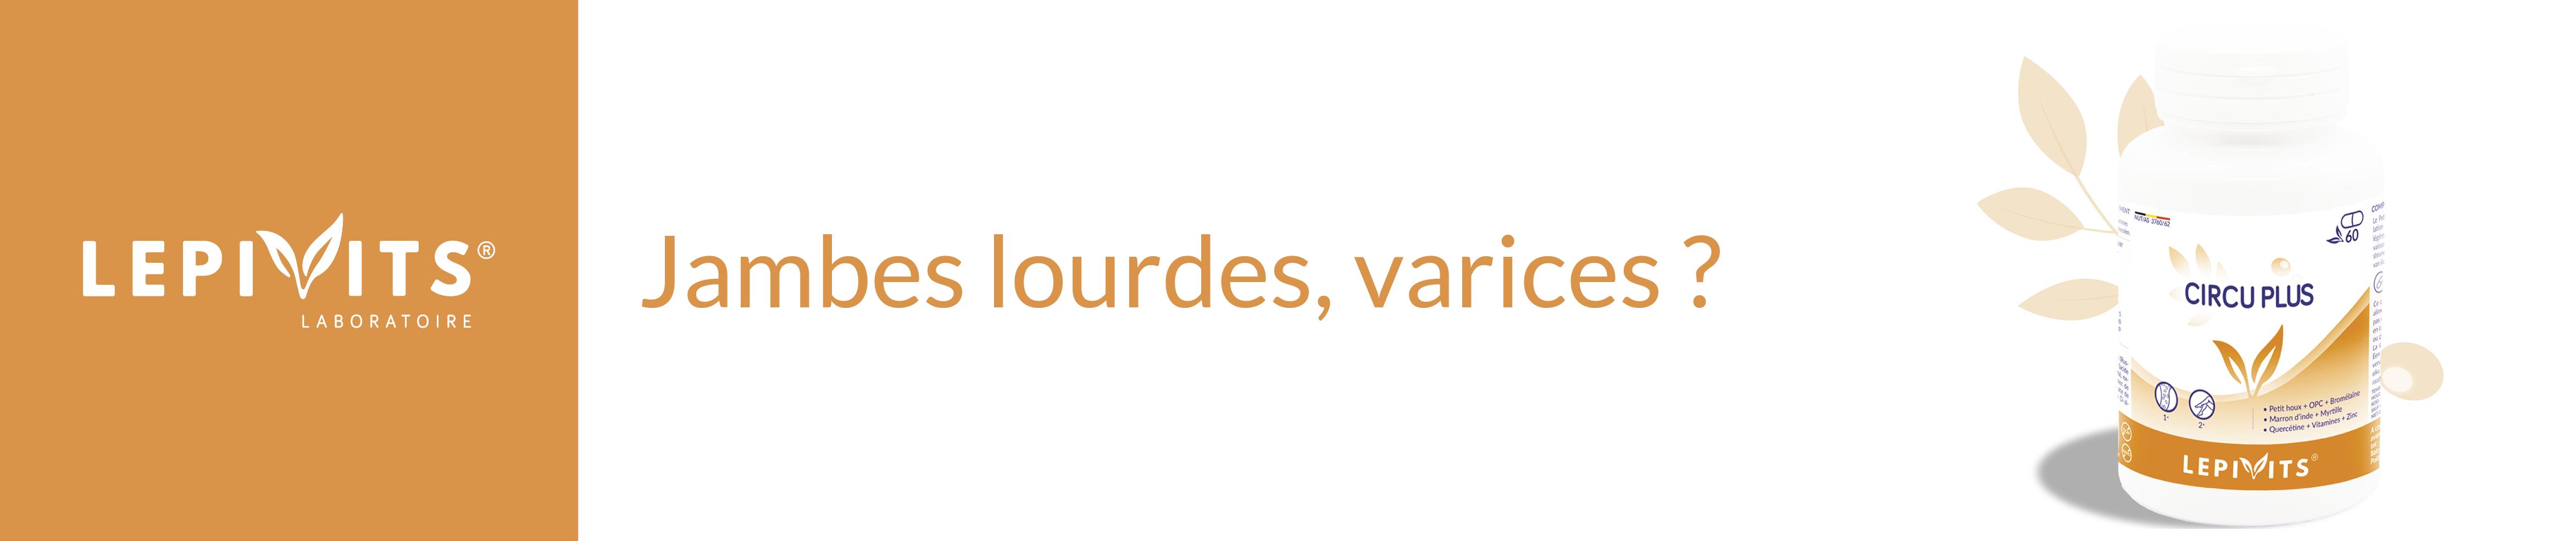 Circu Plus - Confort & jambes légères - Compléments alimentaires naturels & belges